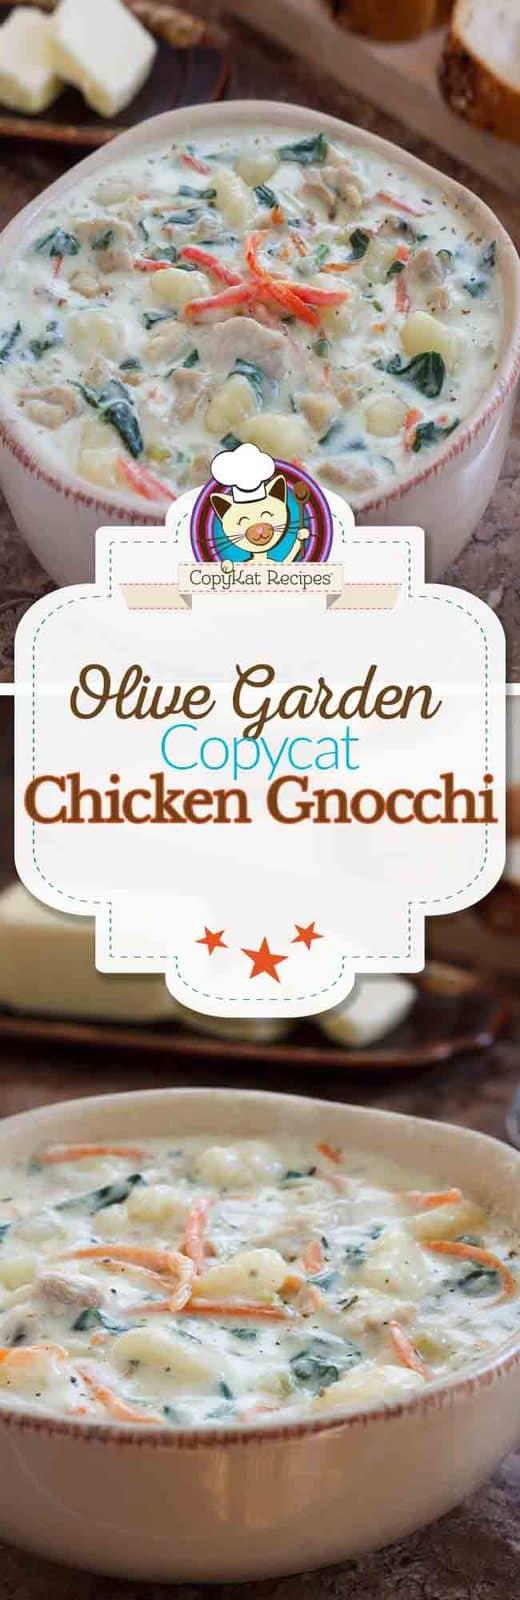 Chicken gnocchi spinach soup recipe